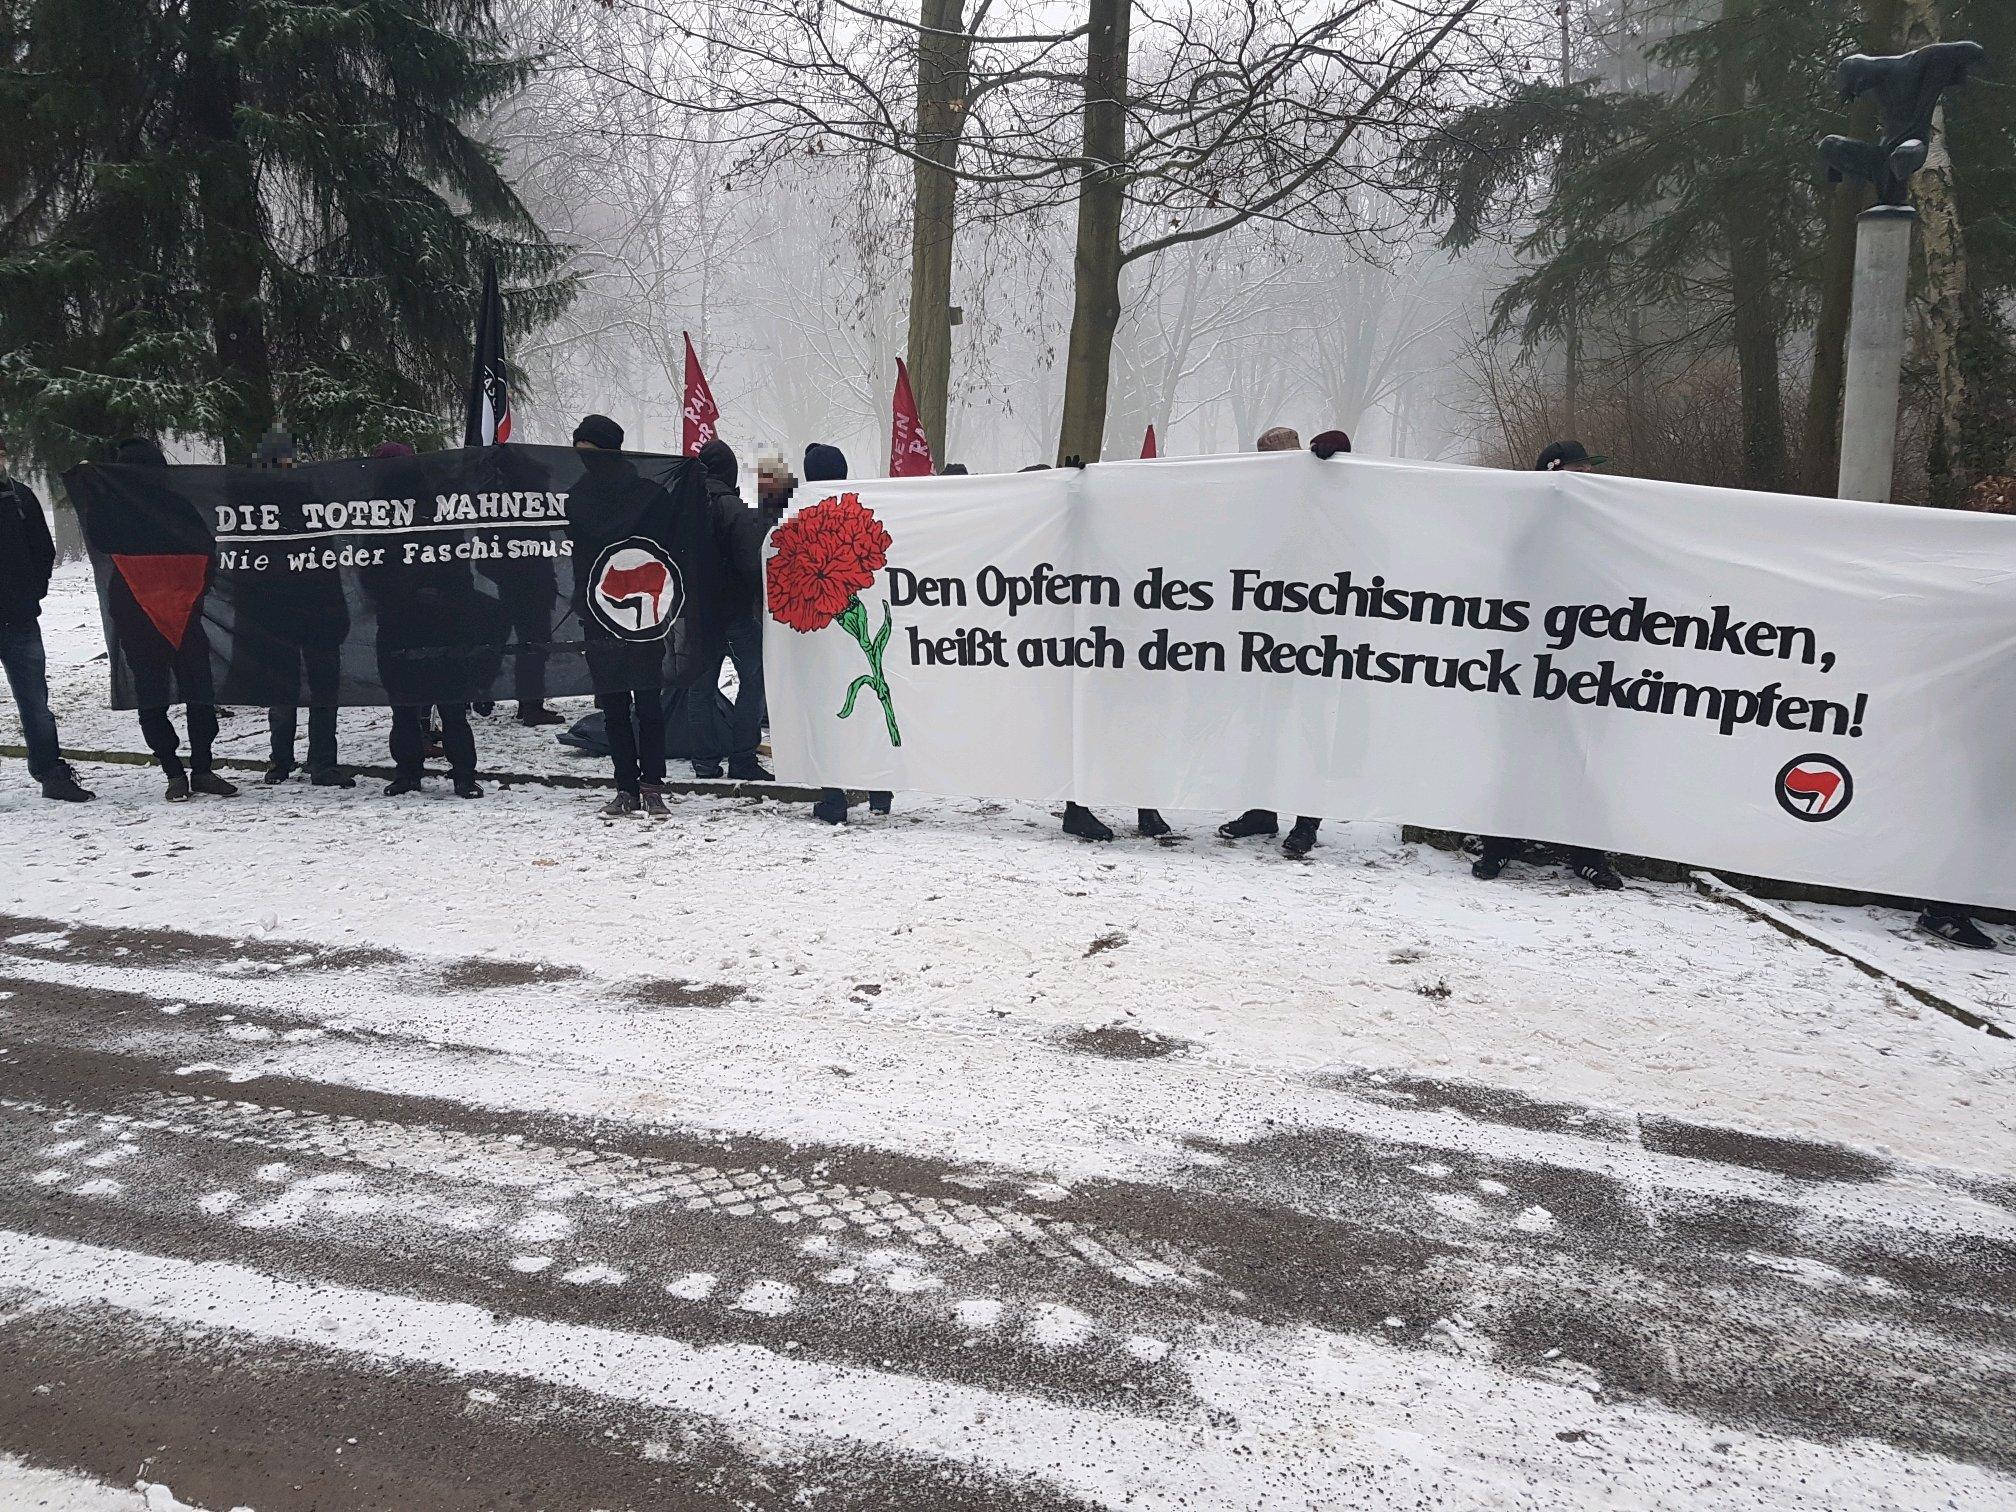 Schon frühzeitig postierten sich Antifaschist*innen vor der Gedenkstele